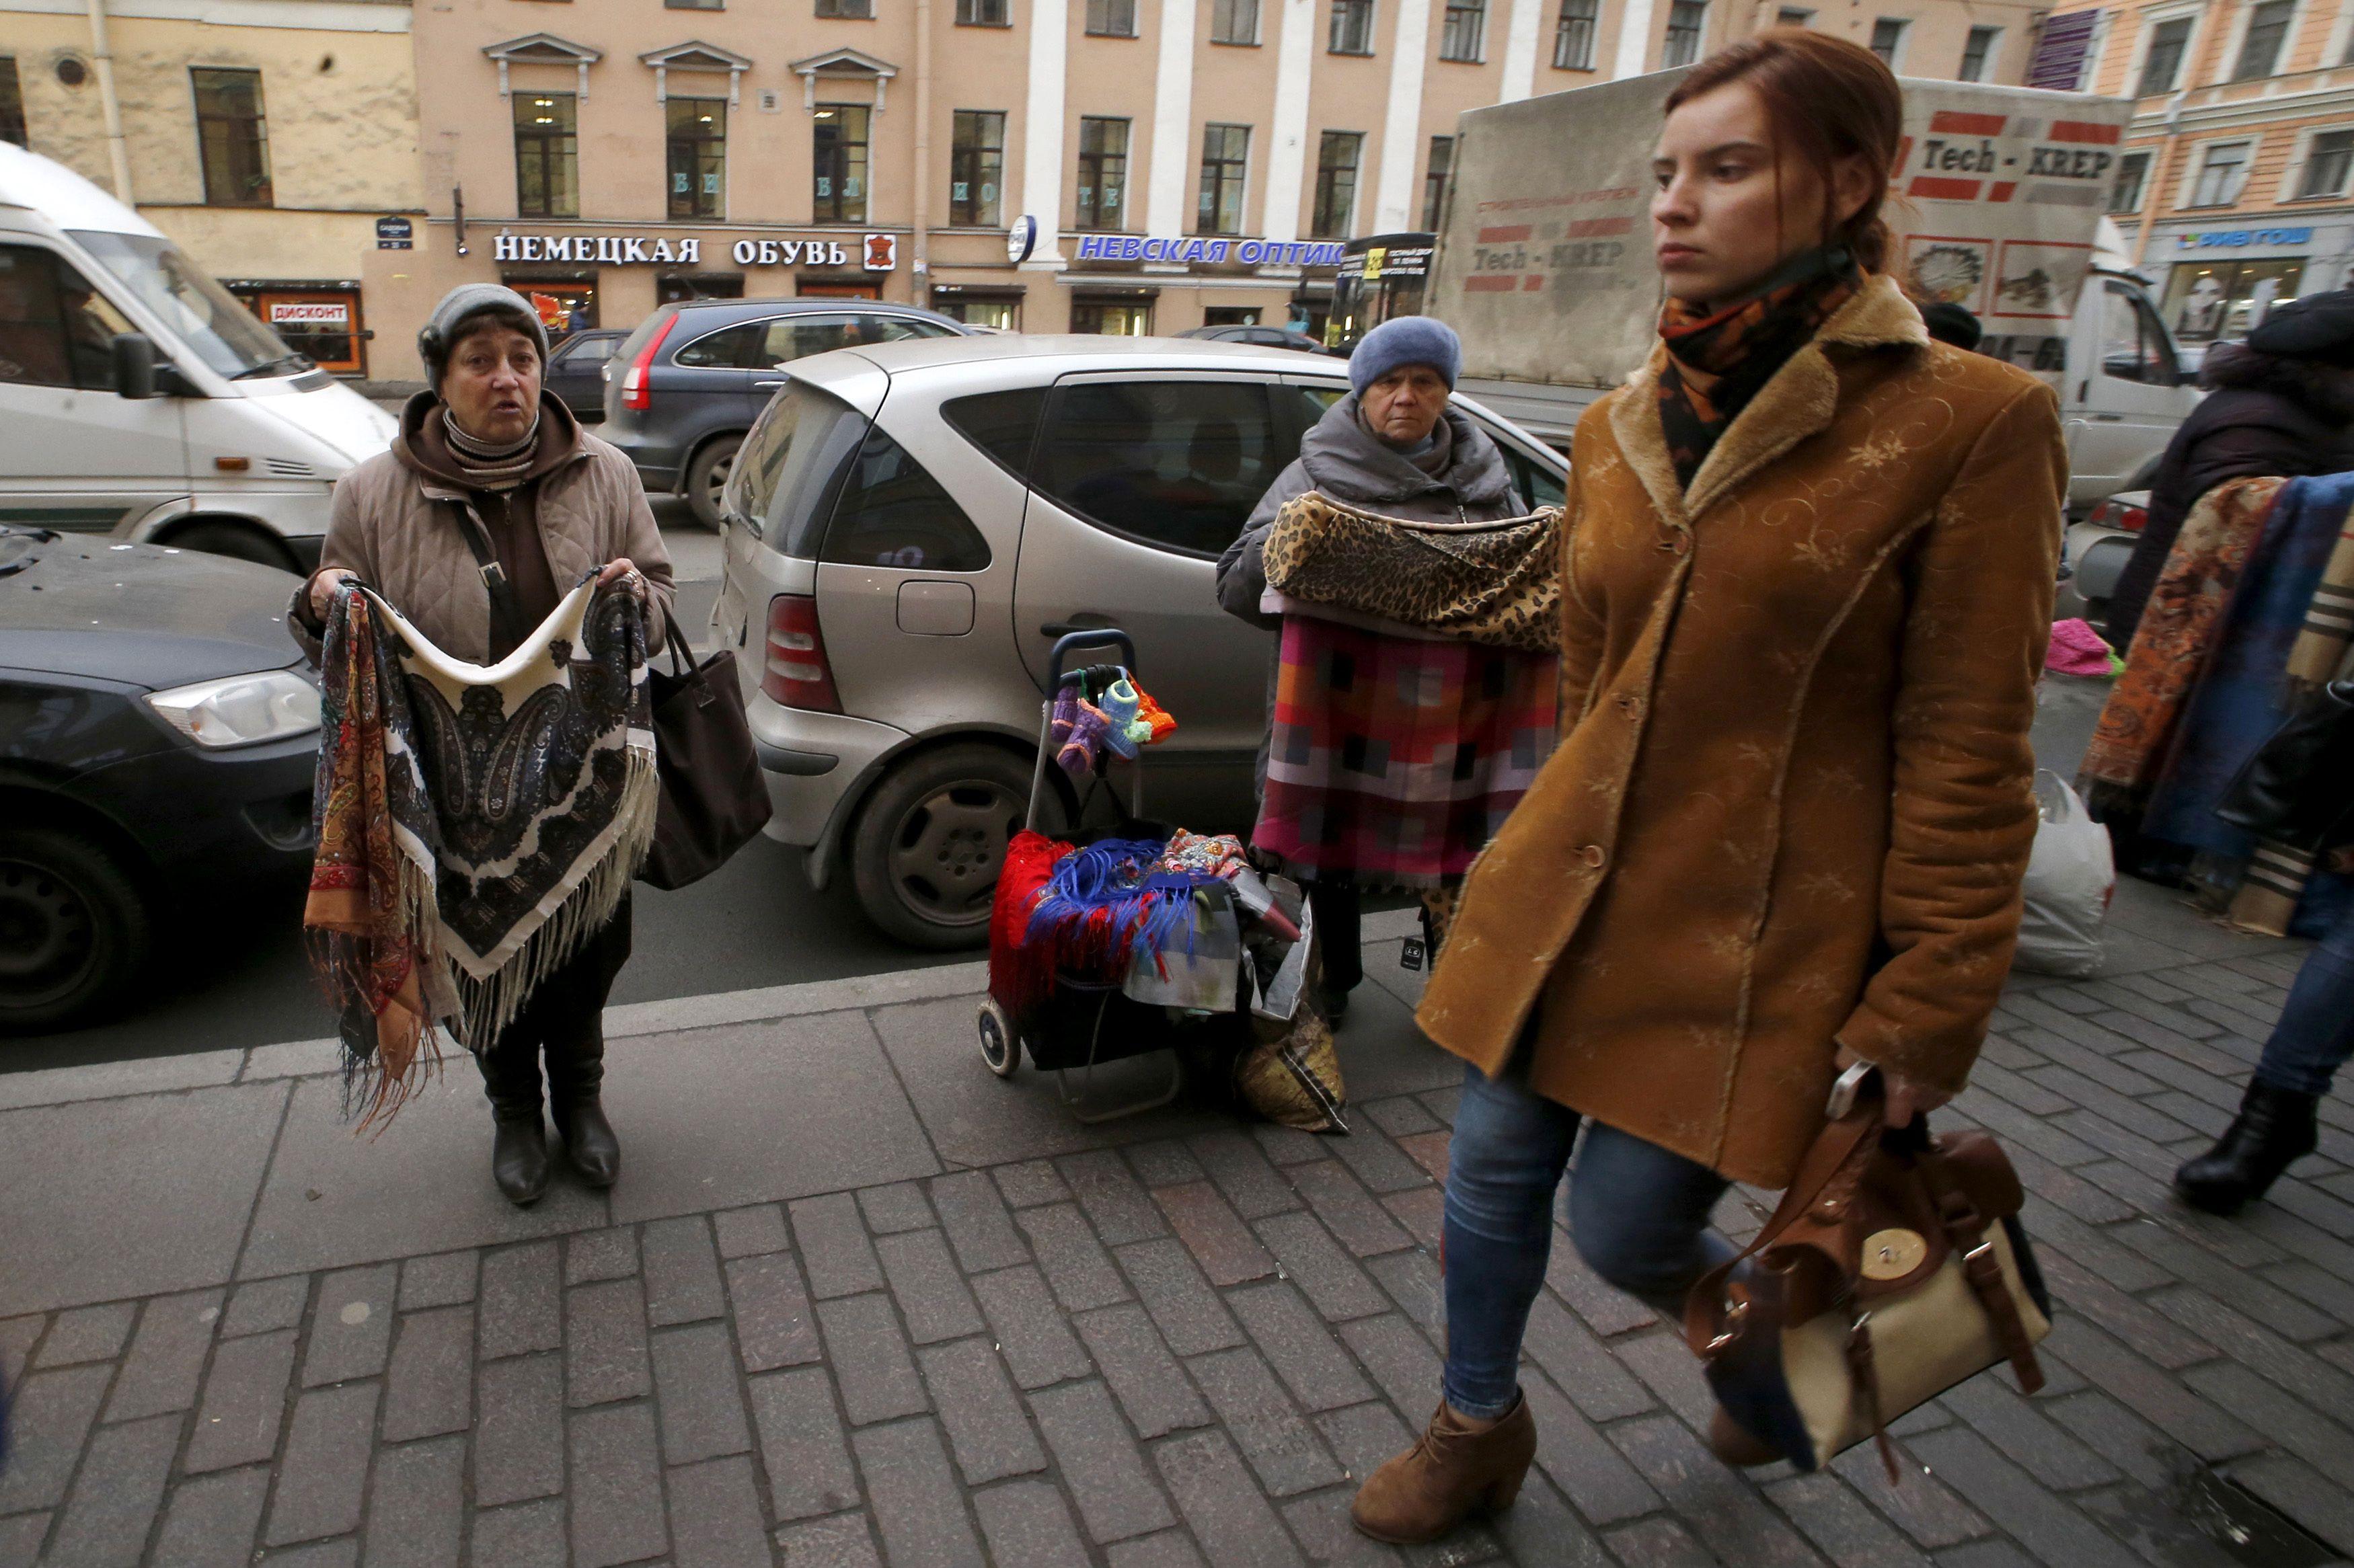 Rusijos m�sl�: recesija, bet�nedarbas ma��ja